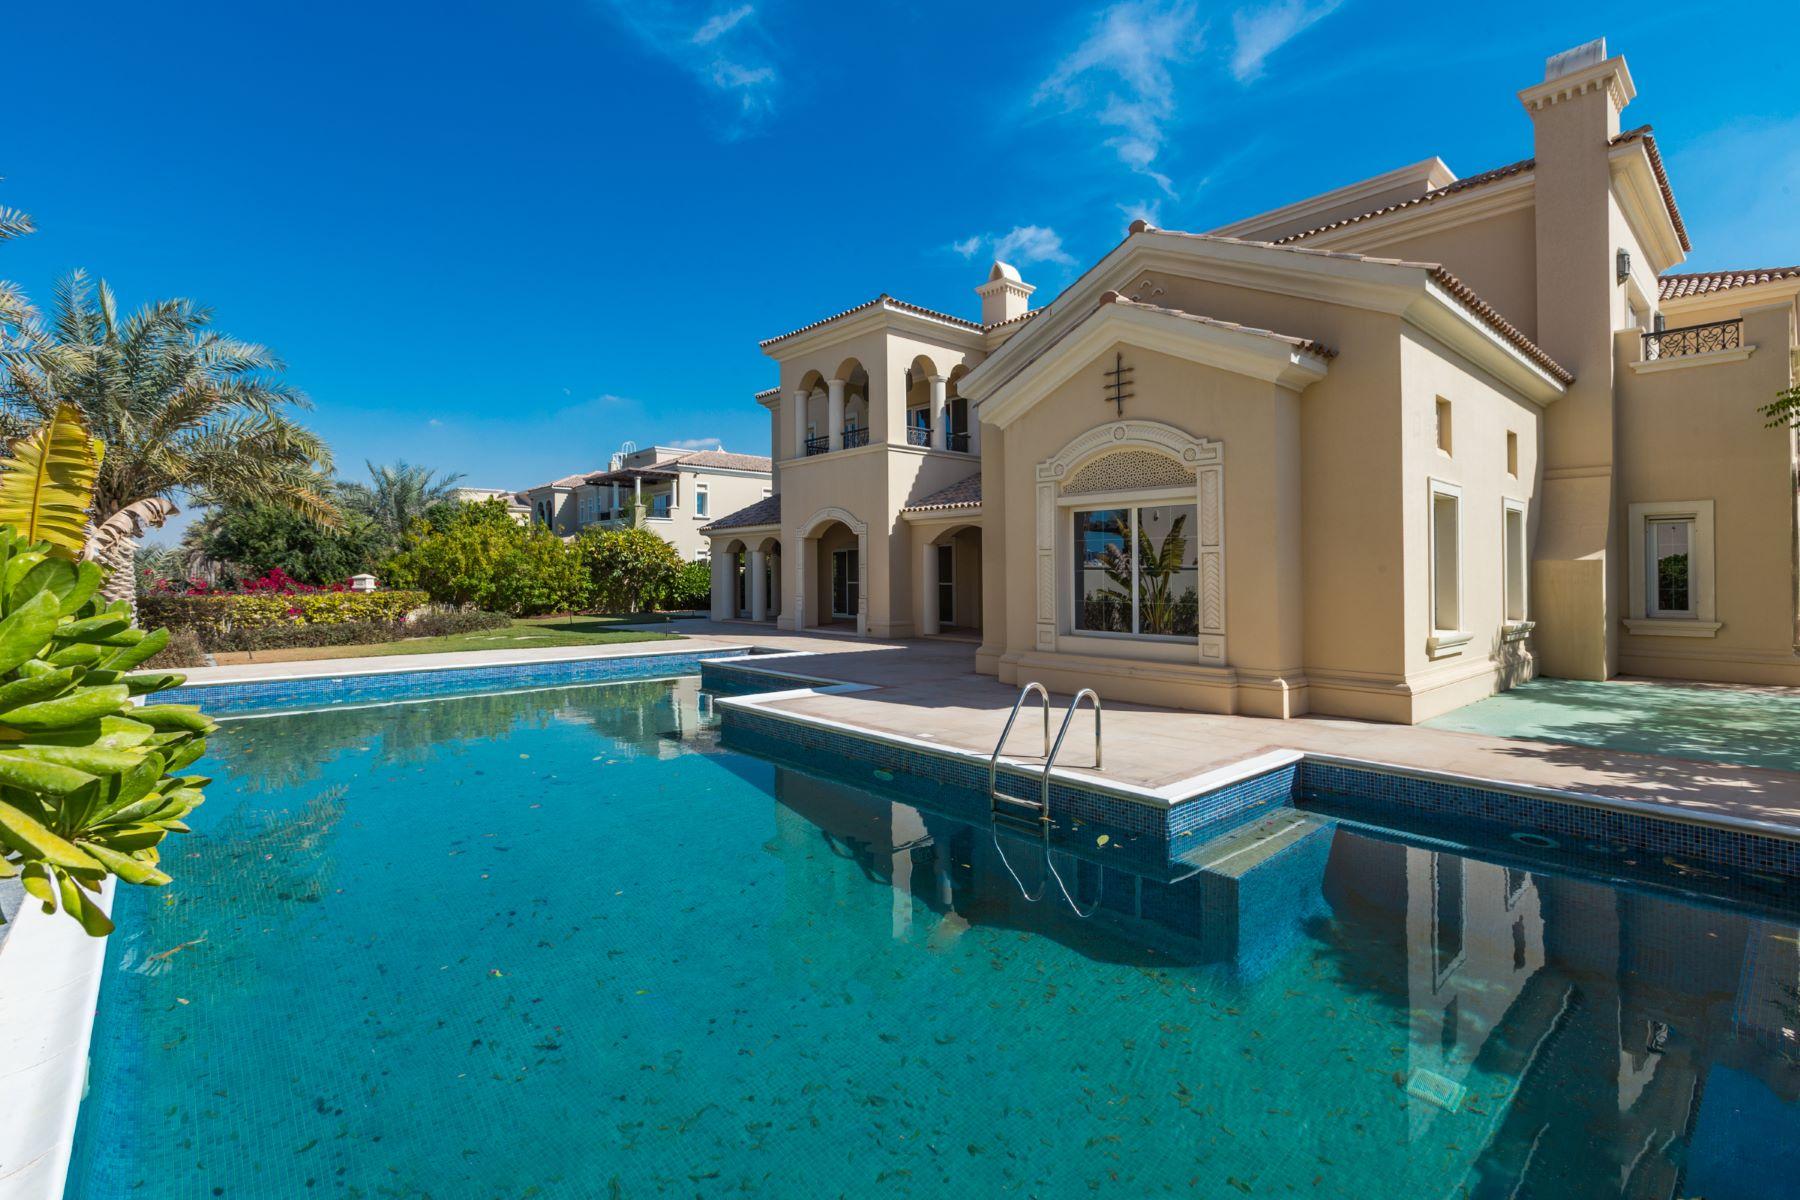 Single Family Home for Sale at Polo Homes Mansion Dubai, Dubai United Arab Emirates